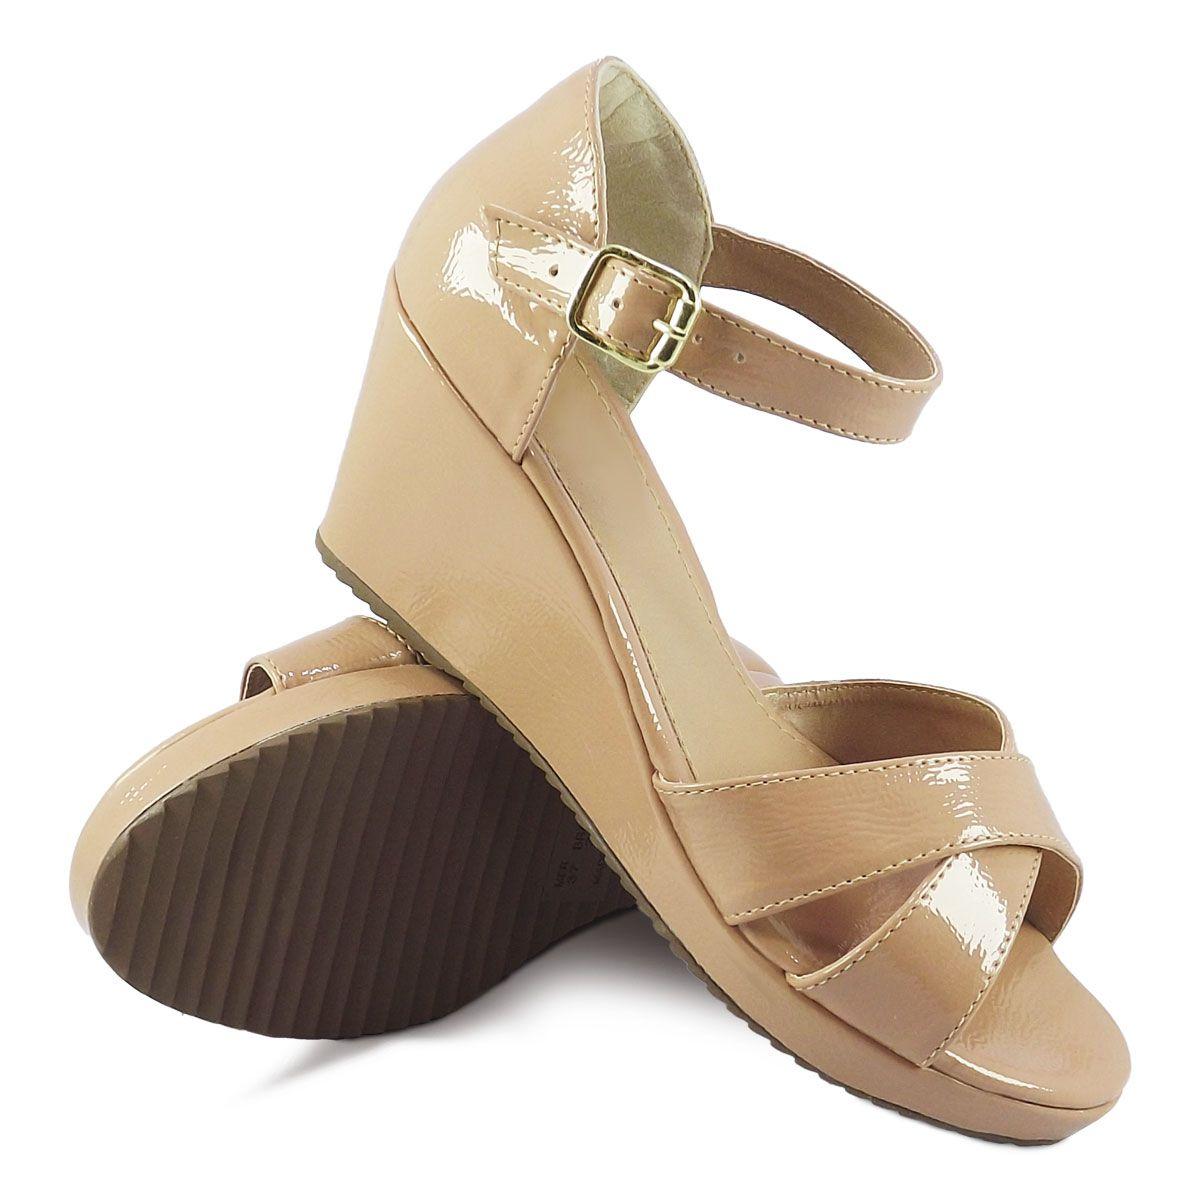 b5c7e05836 Itra - Distribuidora de Calçados. Sandália Feminina Salto Médio-Baixo